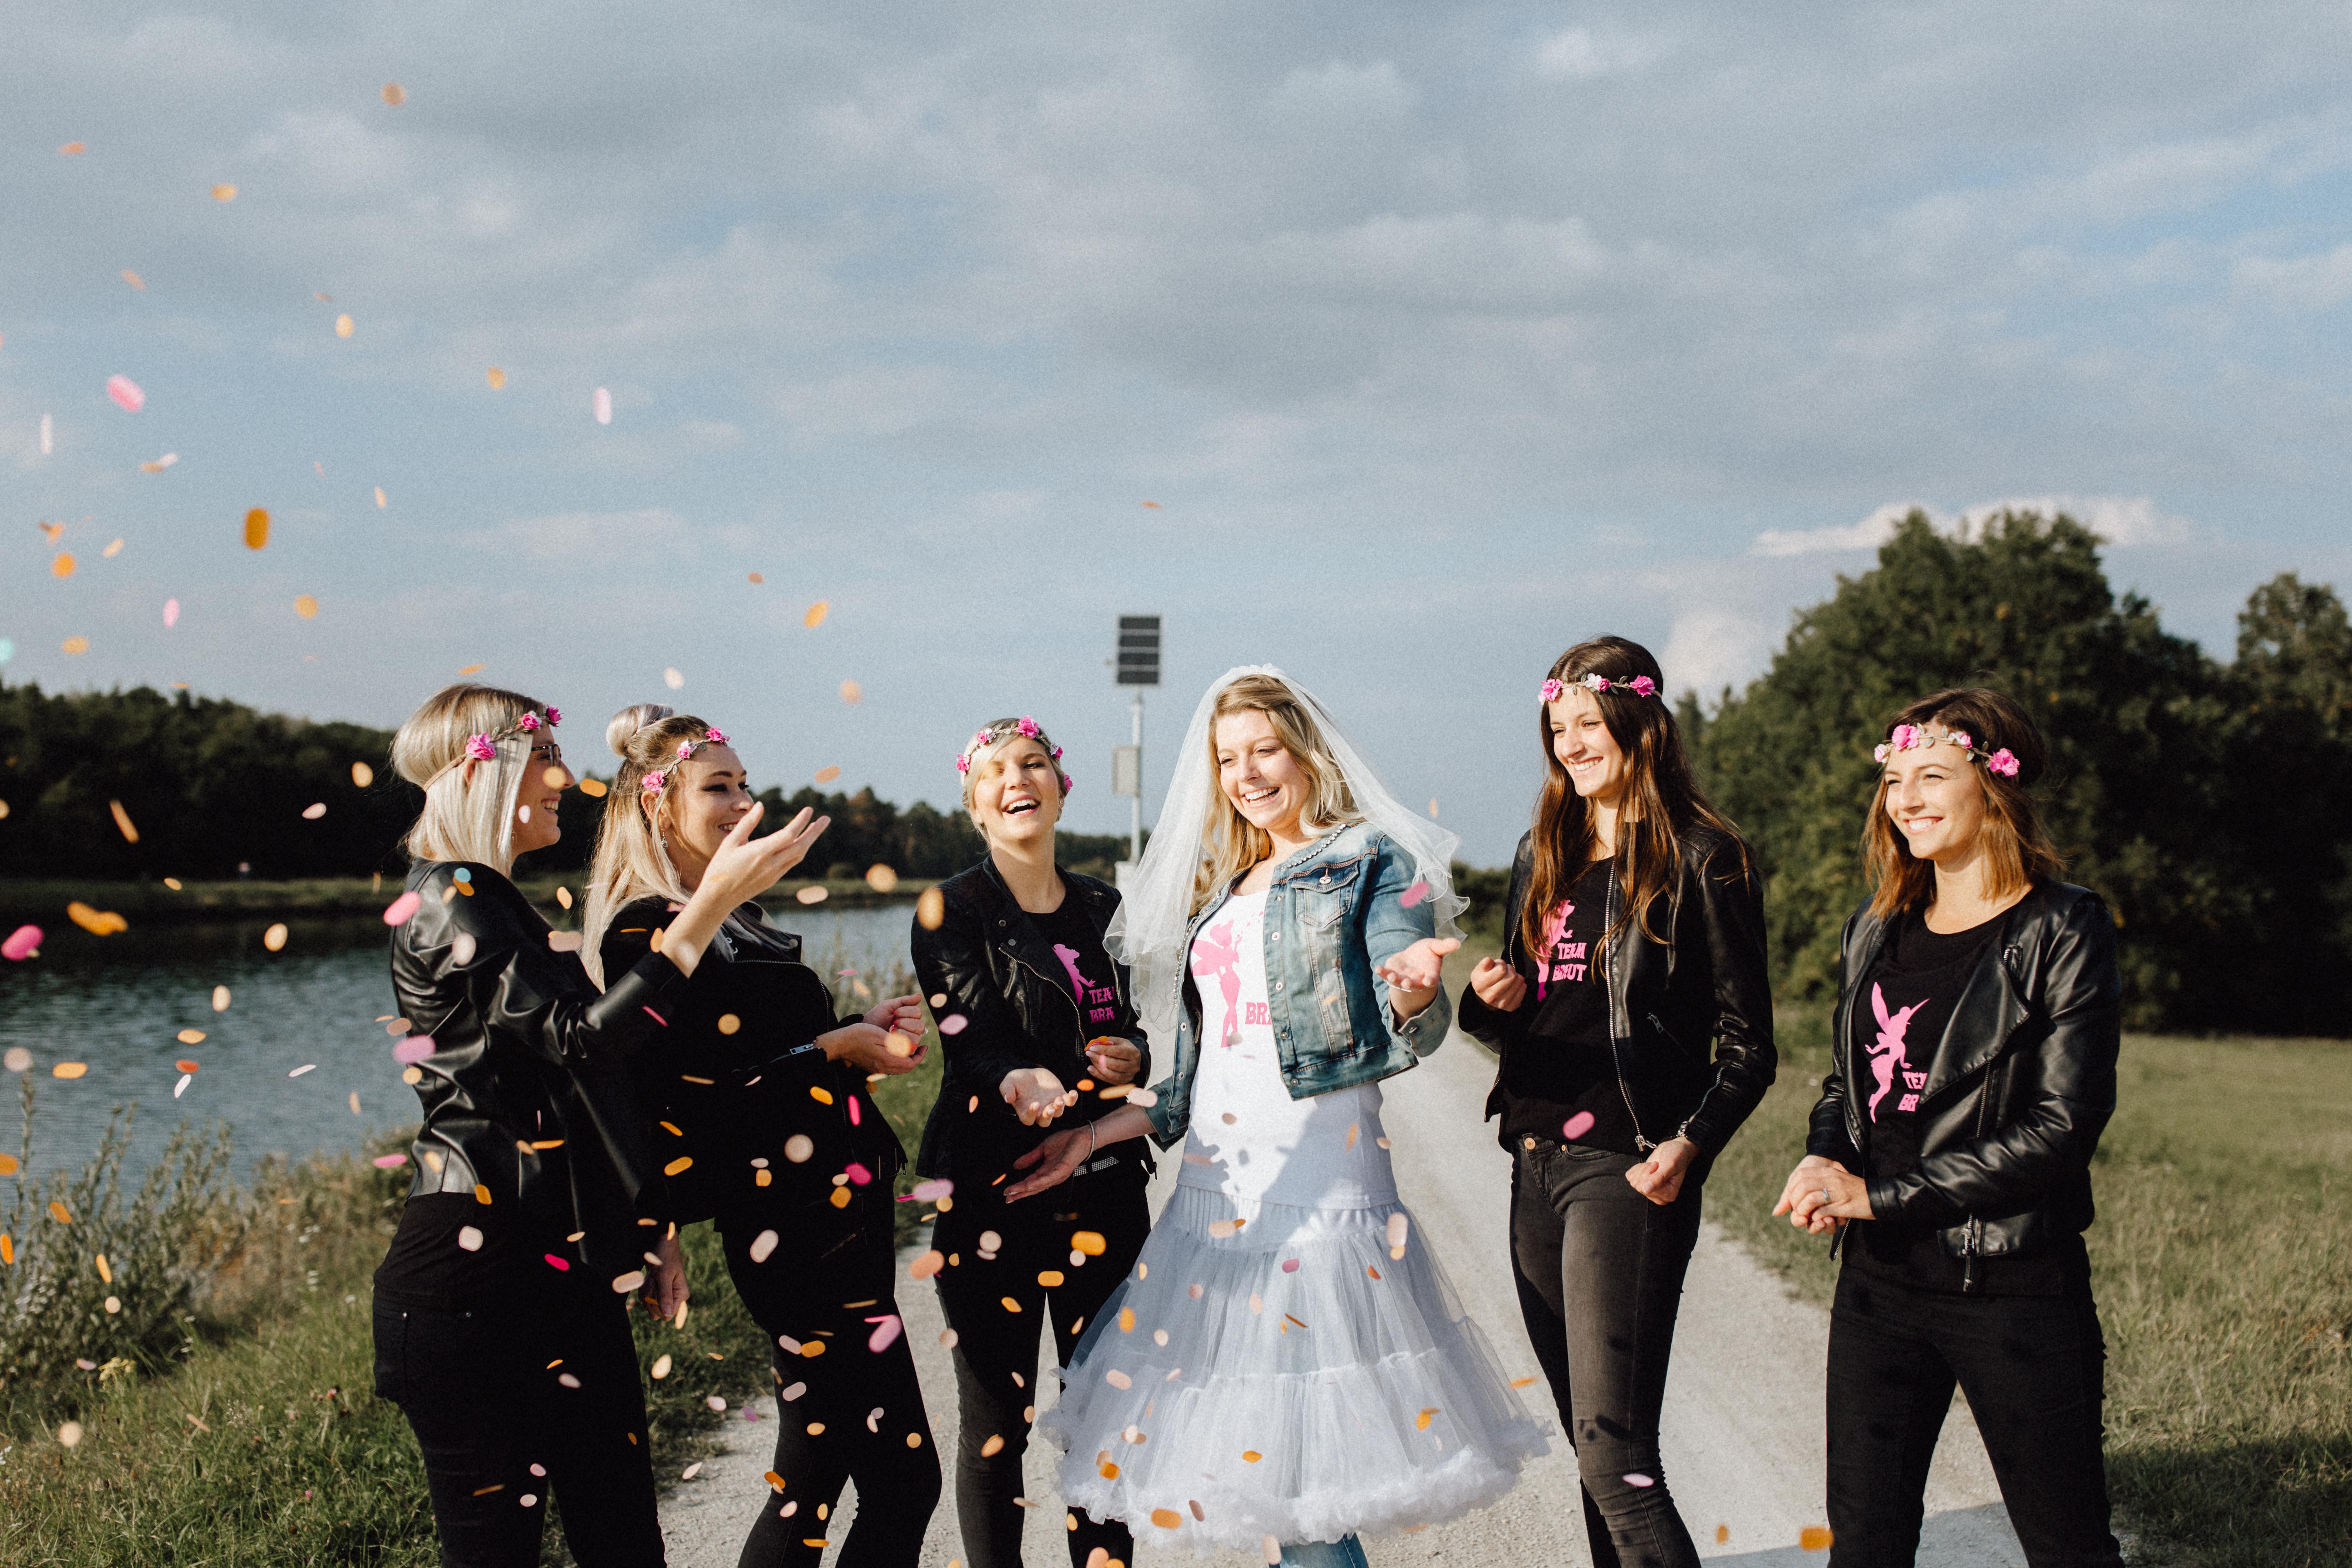 URBANERIE_Daniela_Goth_Hochzeitsfotografin_Nürnberg_Fürth_Erlangen_Schwabach_170923_0112